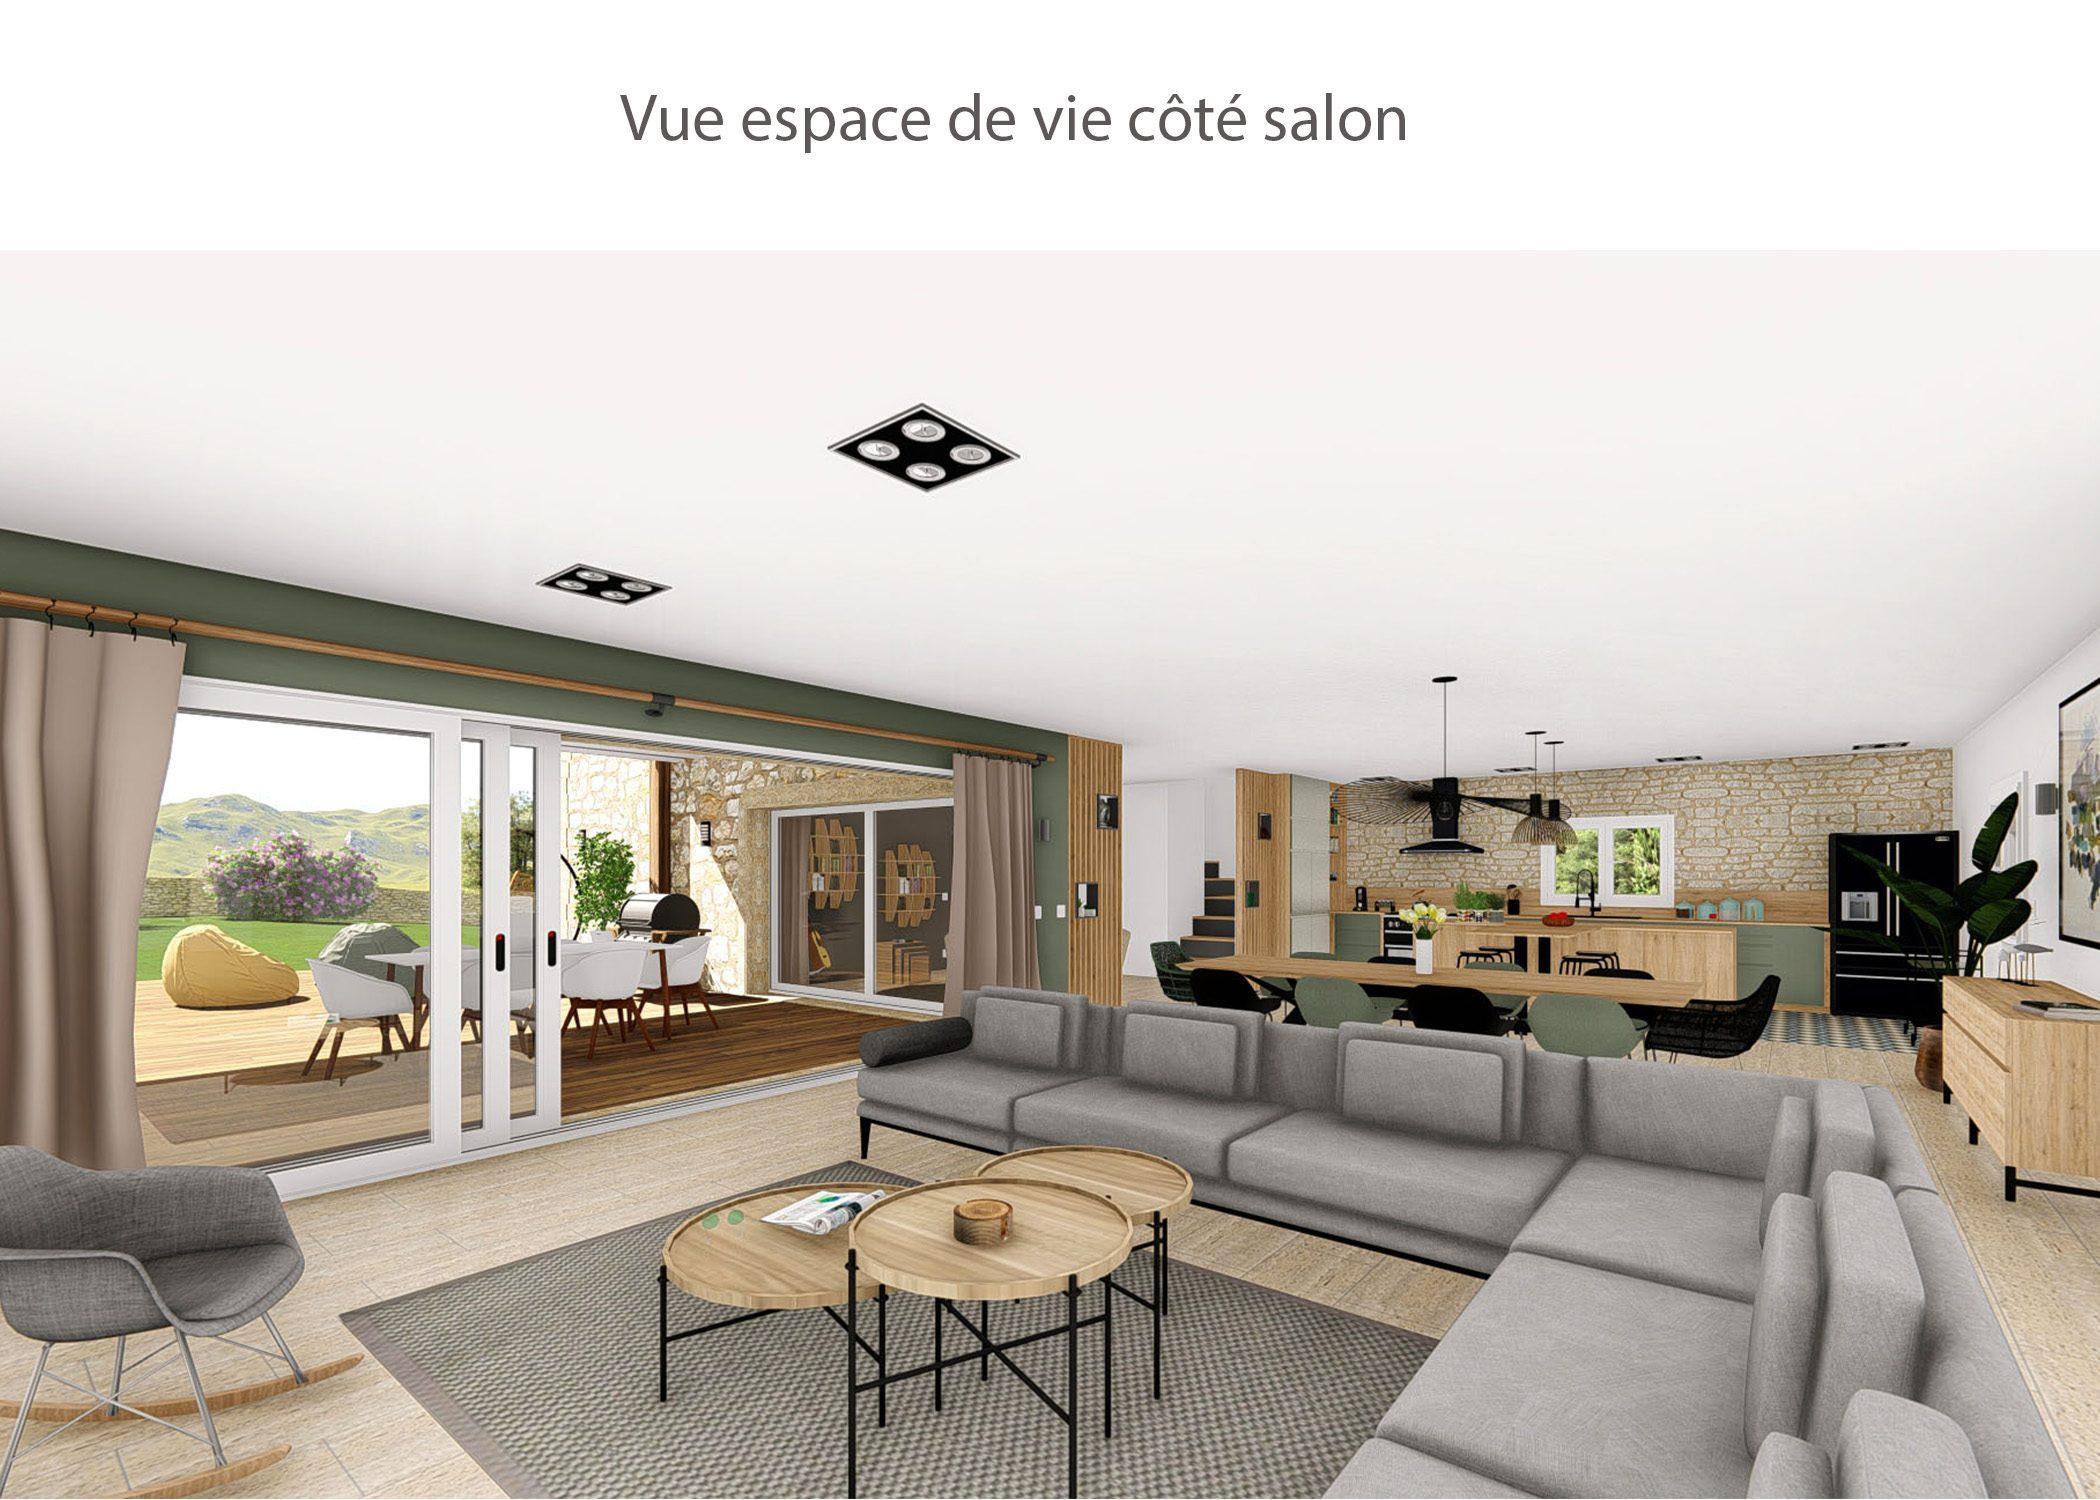 amenagement-decoration-maison de famille-campagne-provence-espace de vie cote salon-dekho design